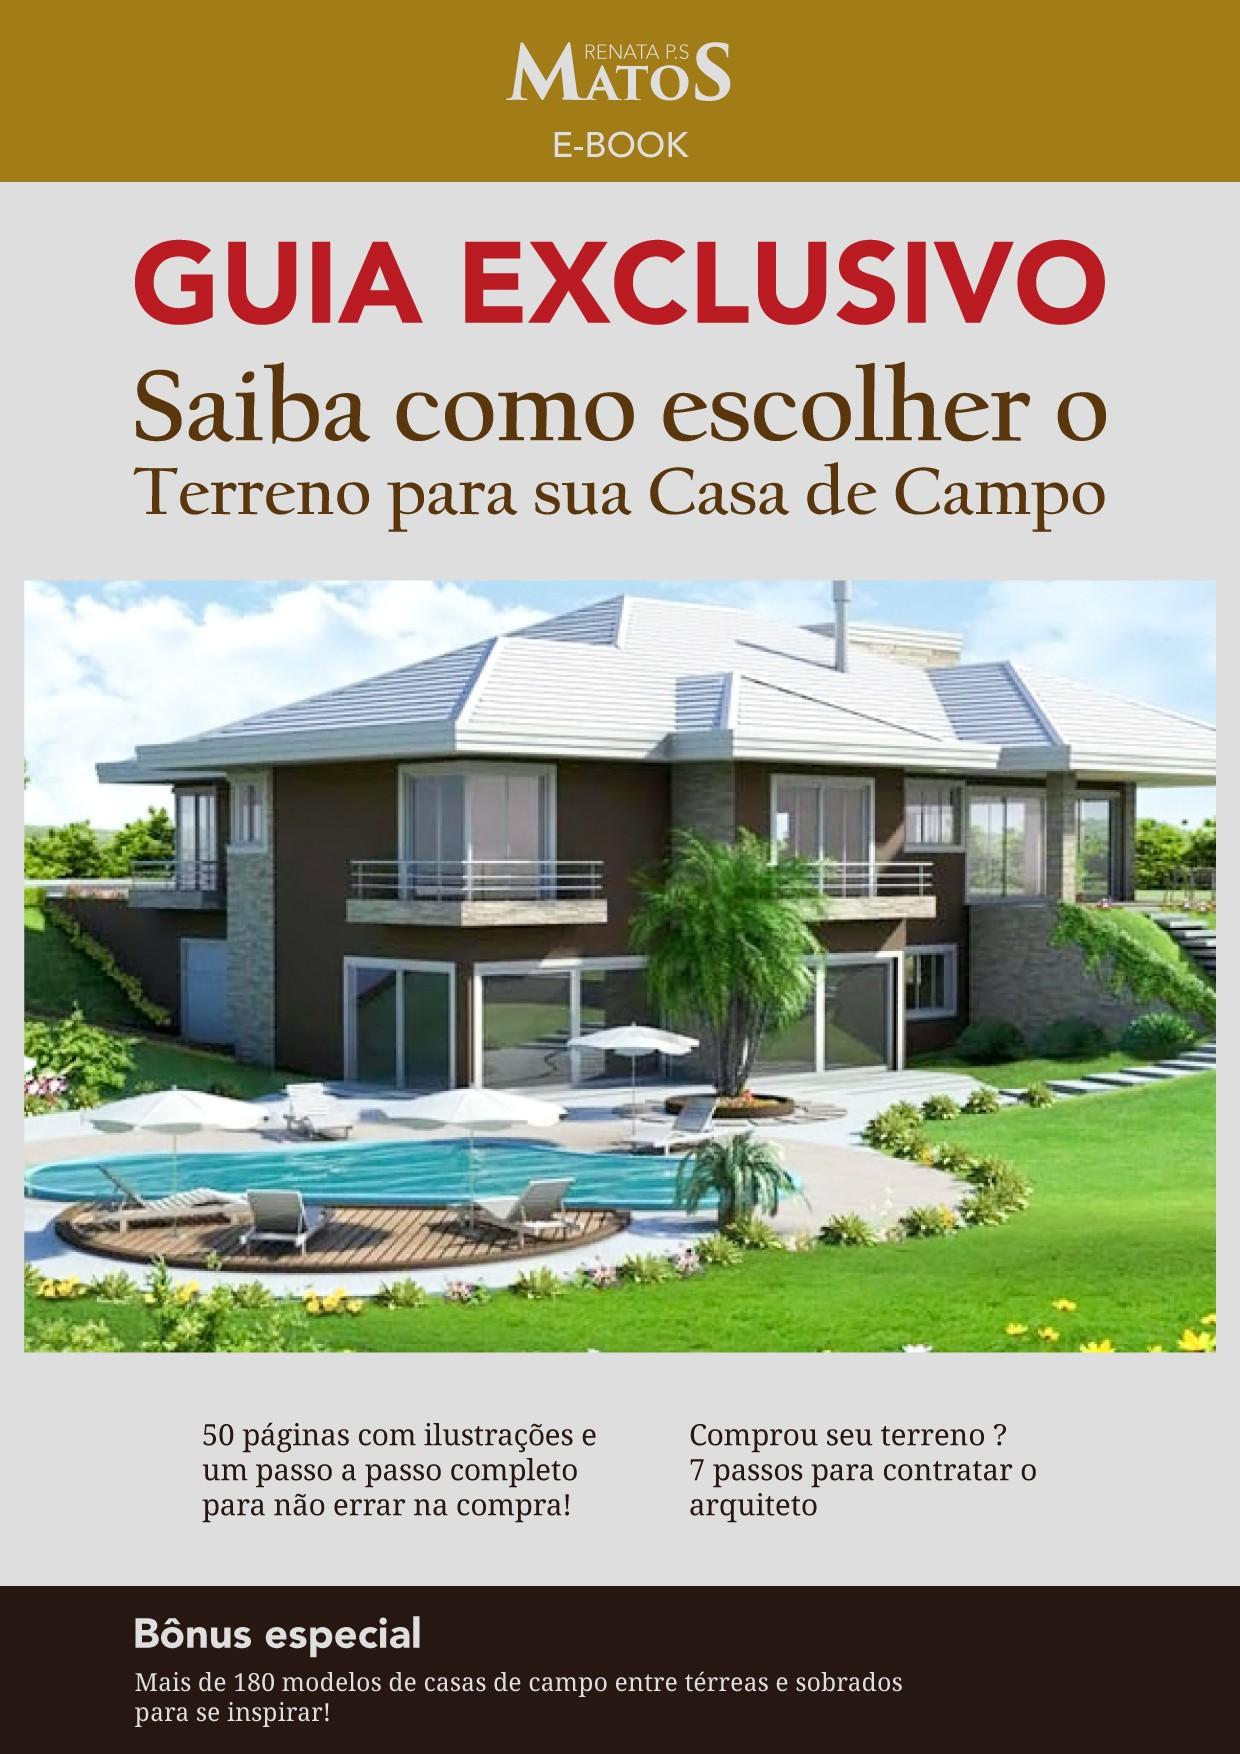 Capa e-book-01